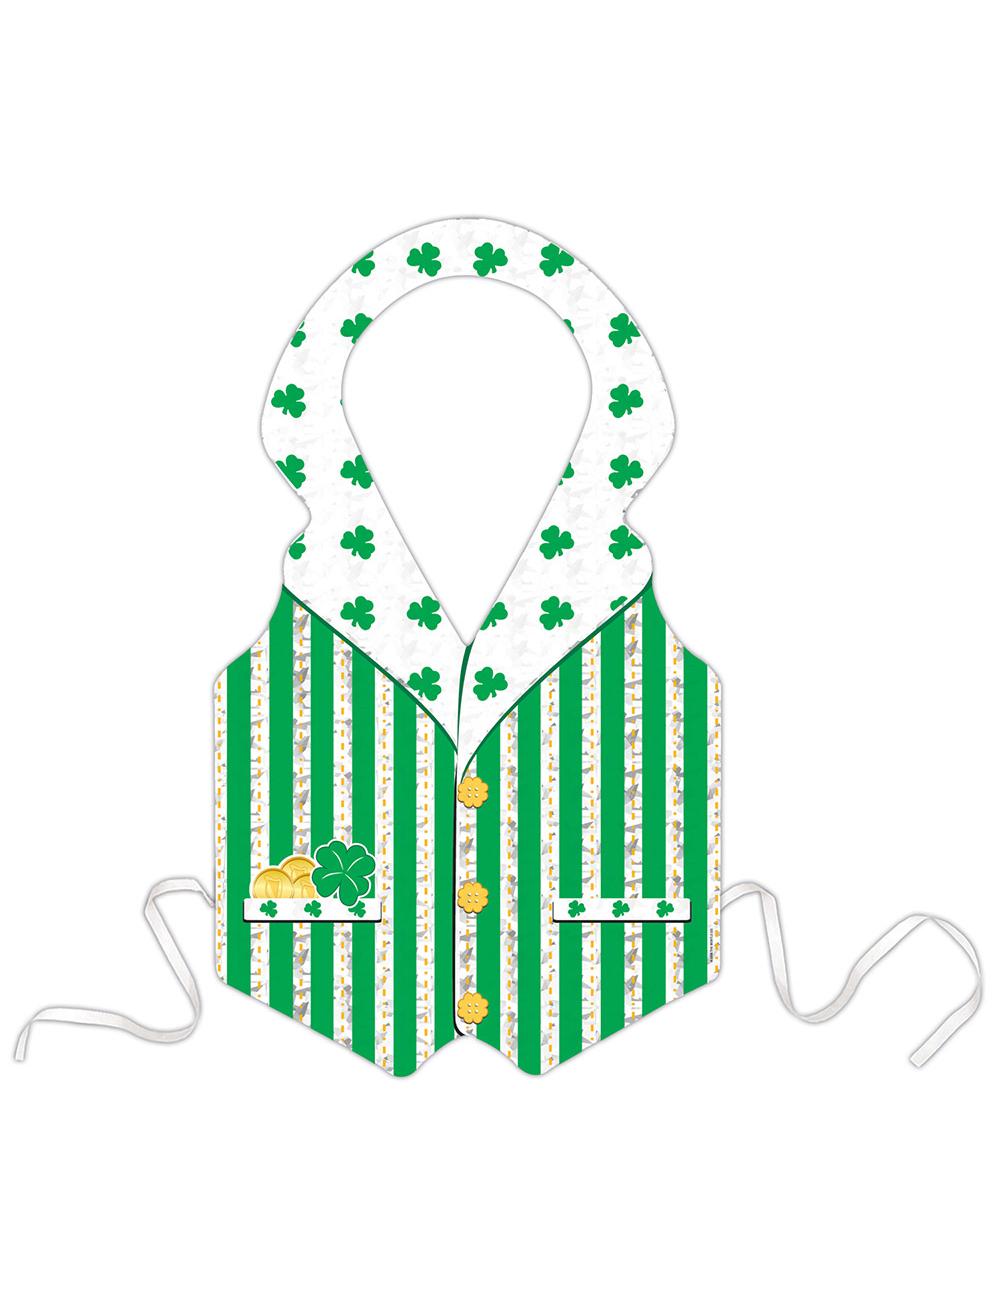 Delantal de duende verde accesorios y disfraces - El duende blanco ...